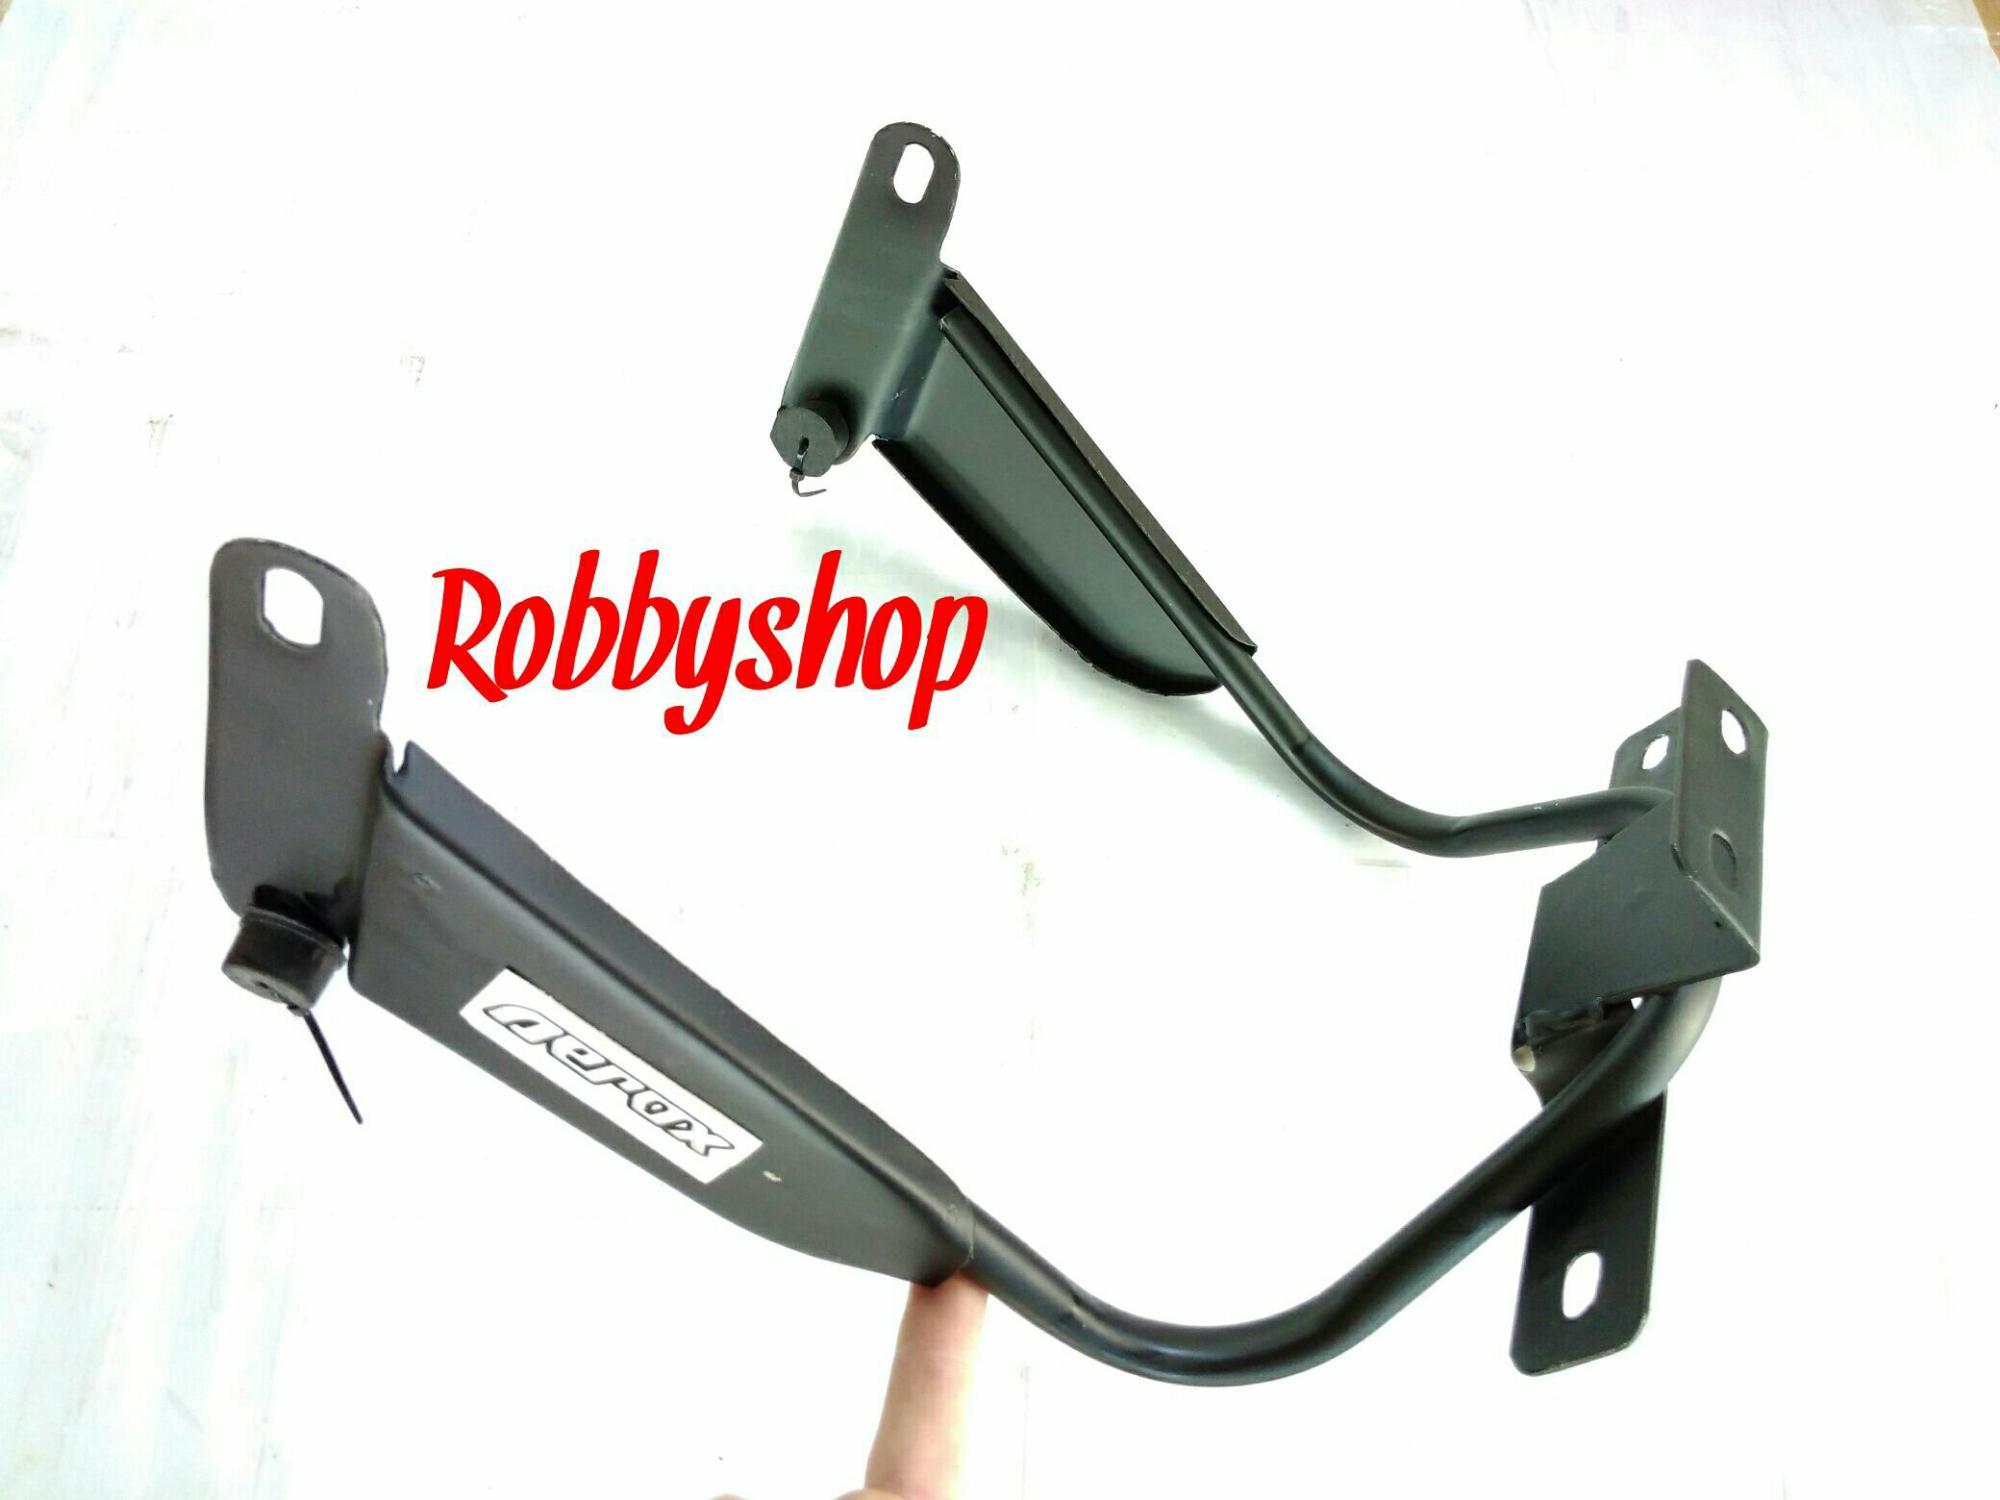 Cek Harga Baru Bracket Breket Dudukan Plat Nomor Aerox 155 Di Motor Yamaha Nomer Lampu Ymh